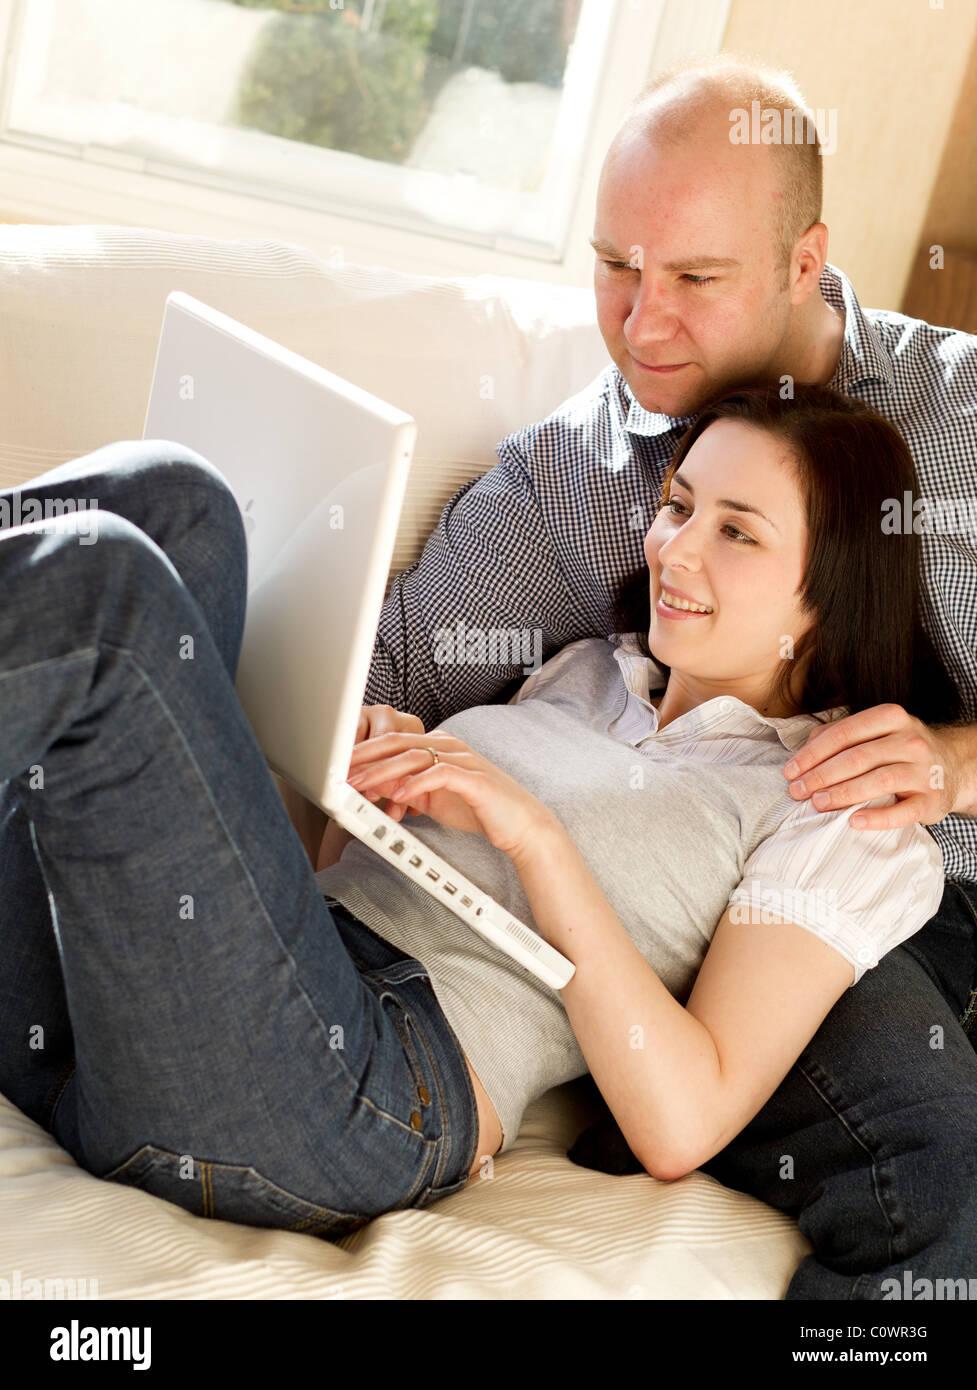 Couple browsing web using laptop - Stock Image